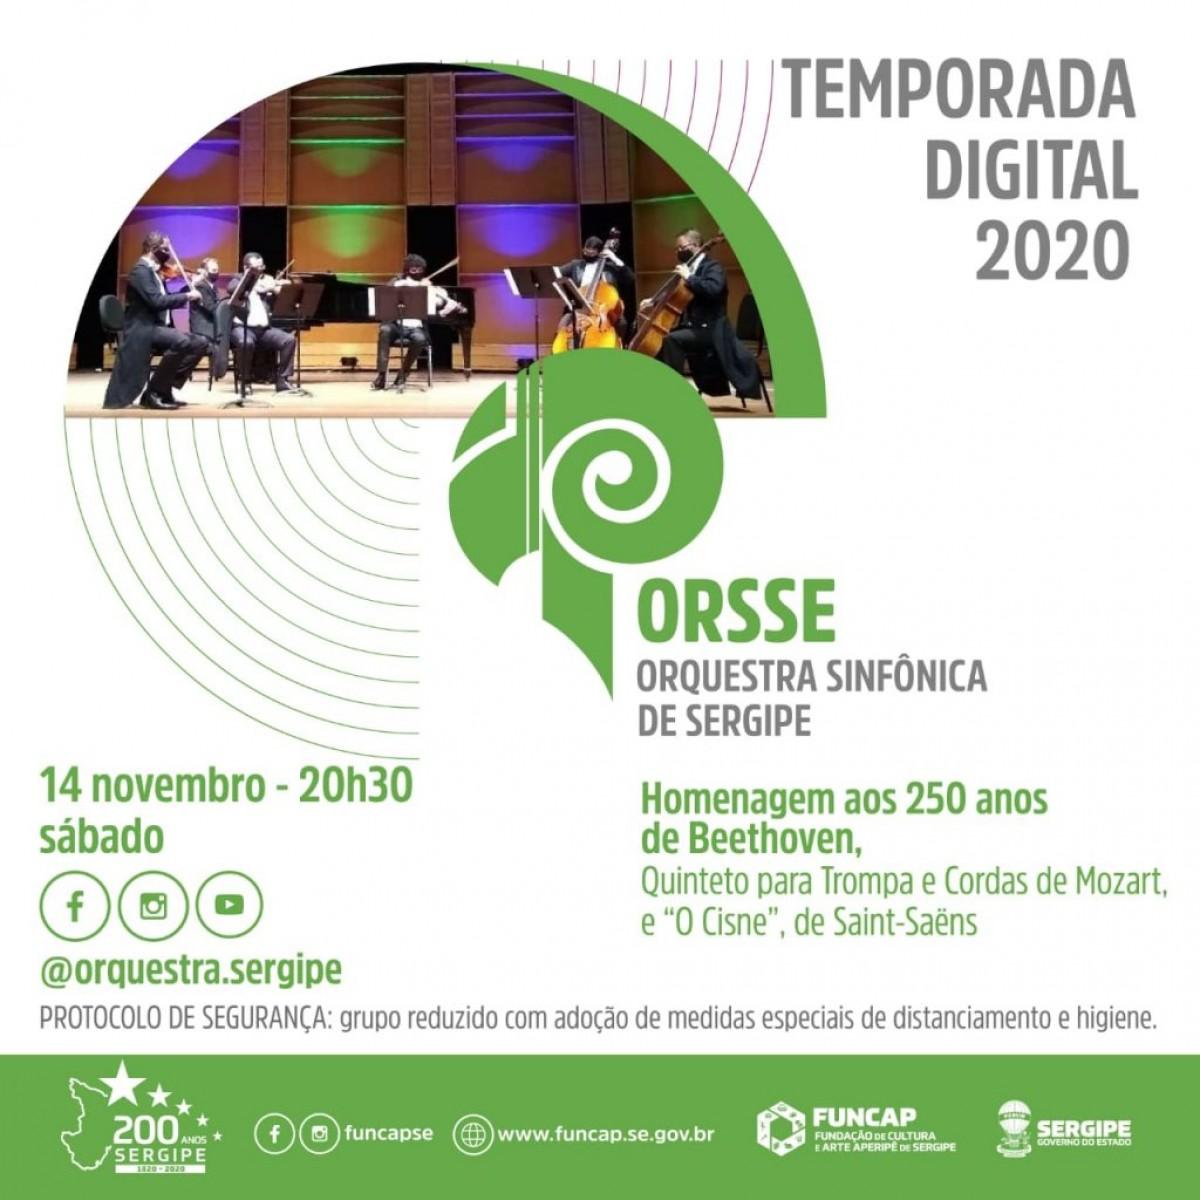 Temporada Digital: Orquestra Sinfônica faz homenagem aos 250 anos de Beethoven (Imagem: Divulgação)